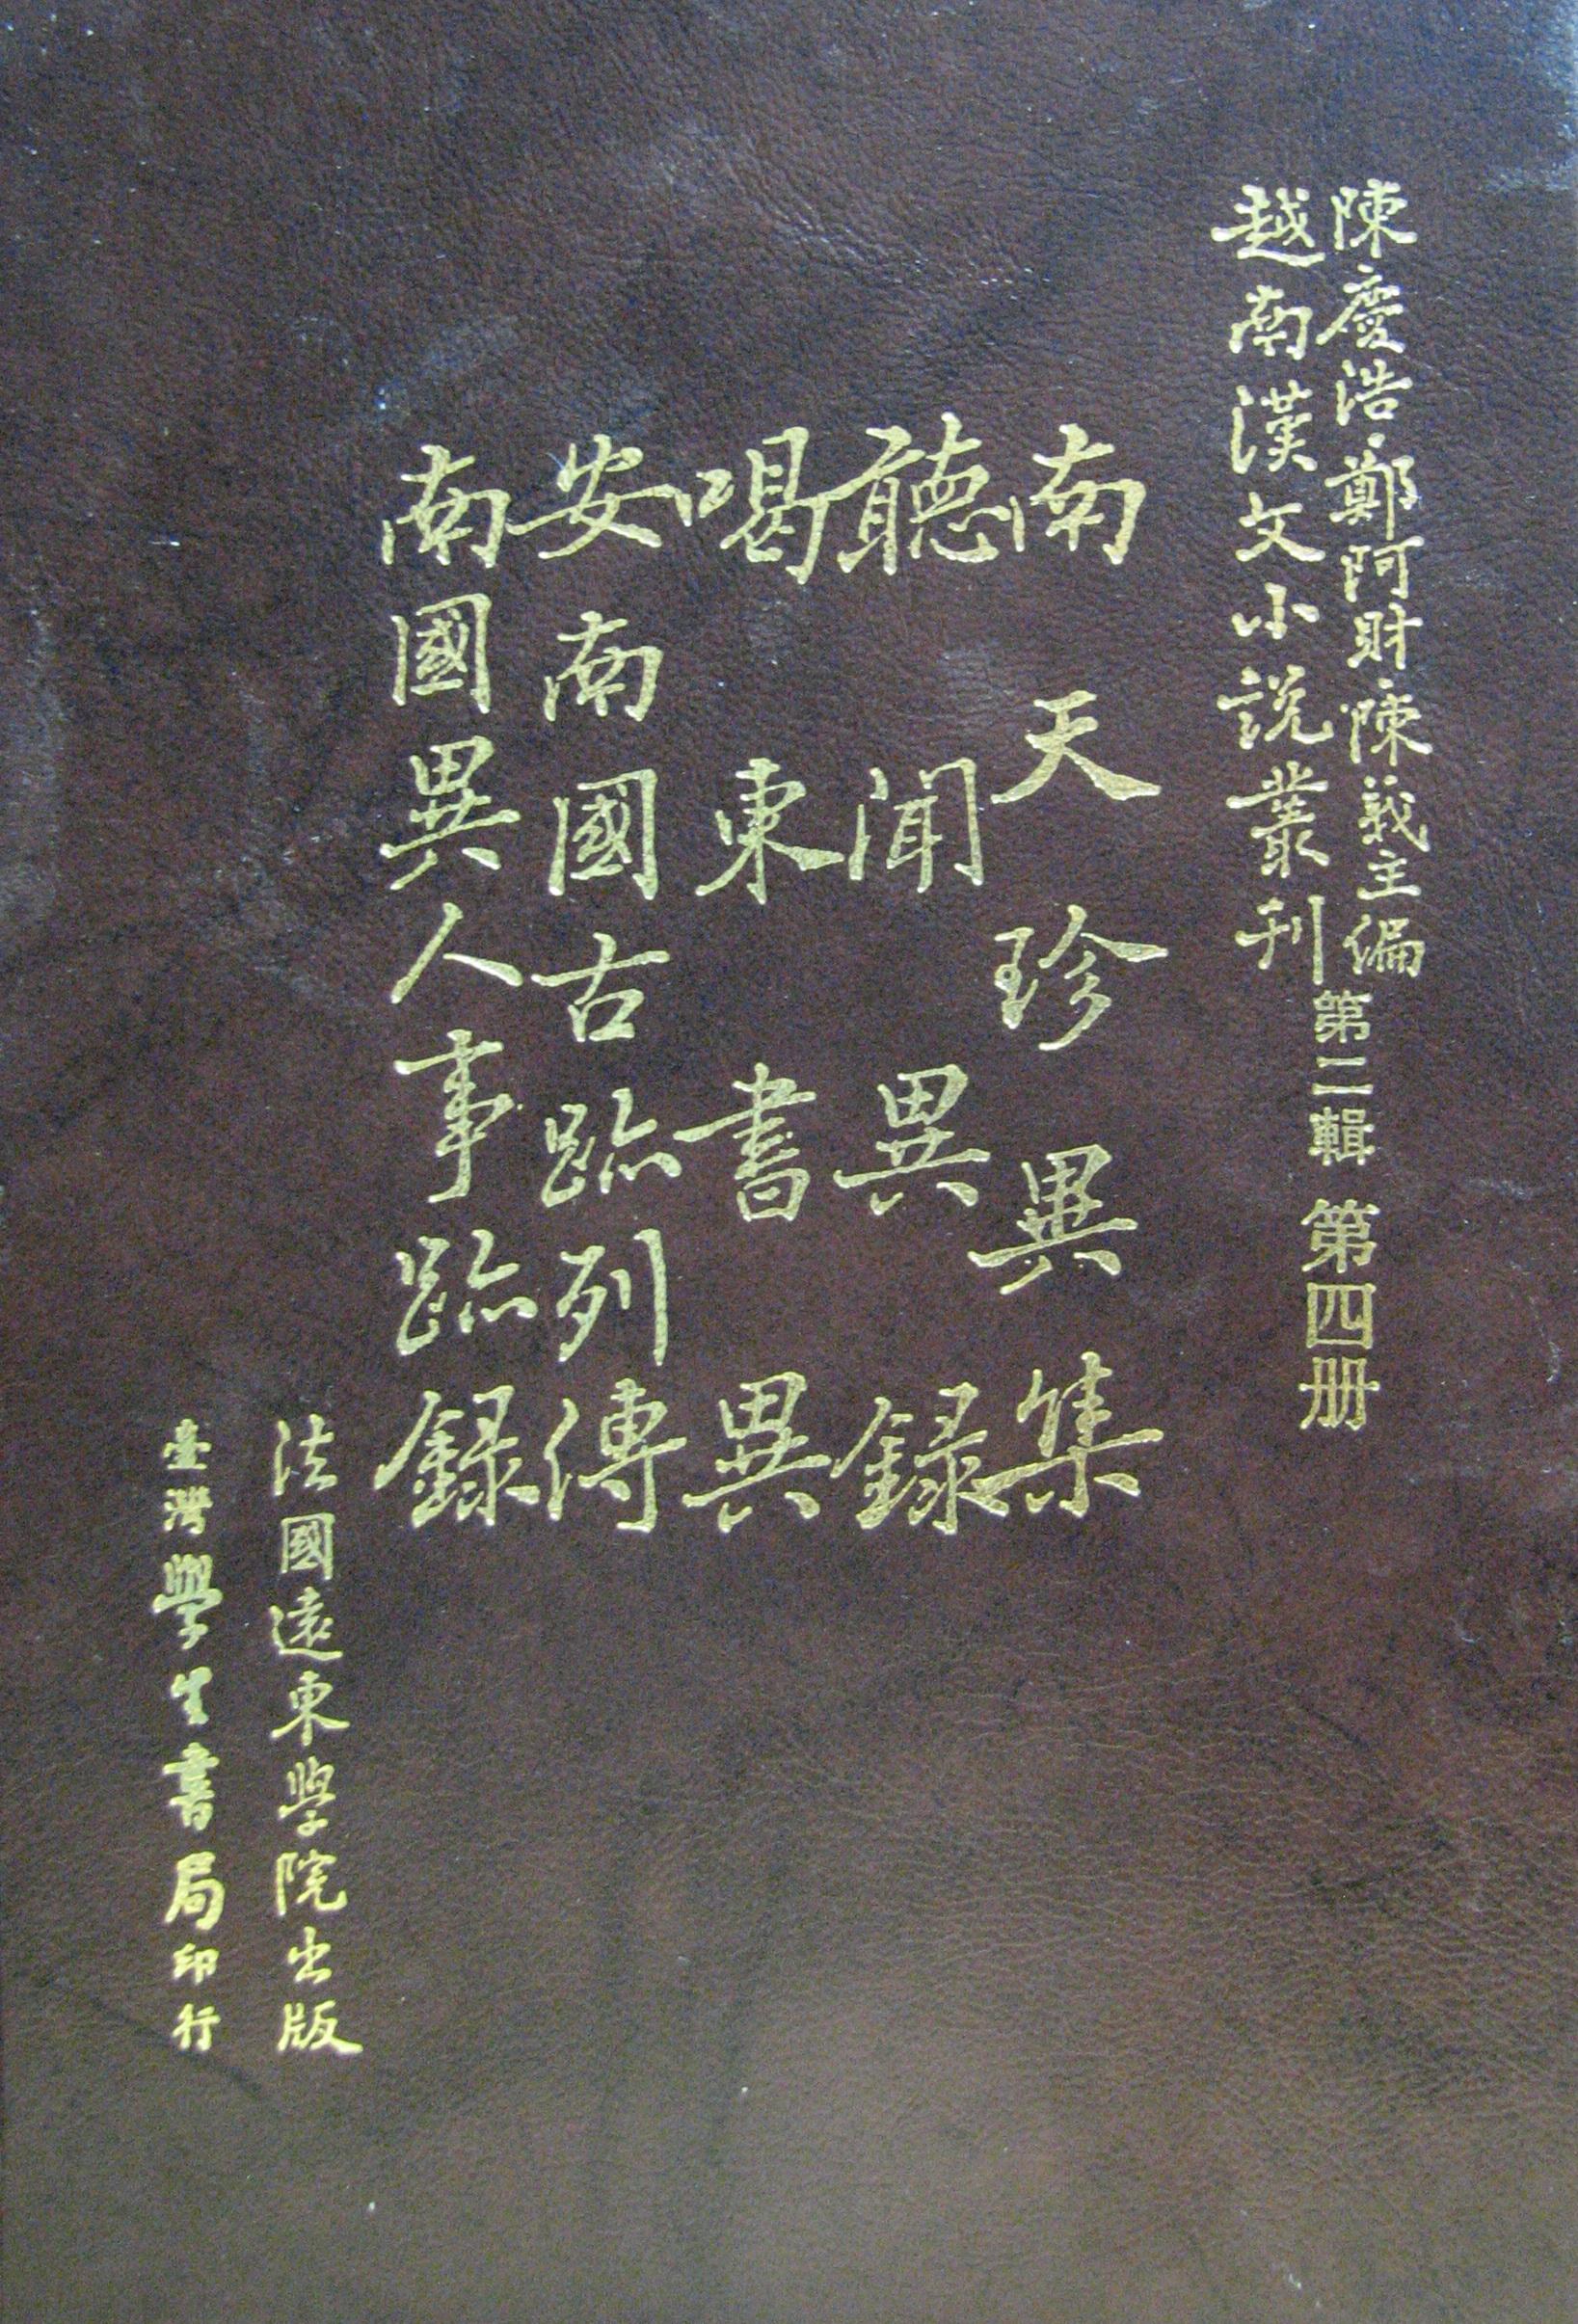 越南漢文小說叢刊第二輯第四冊